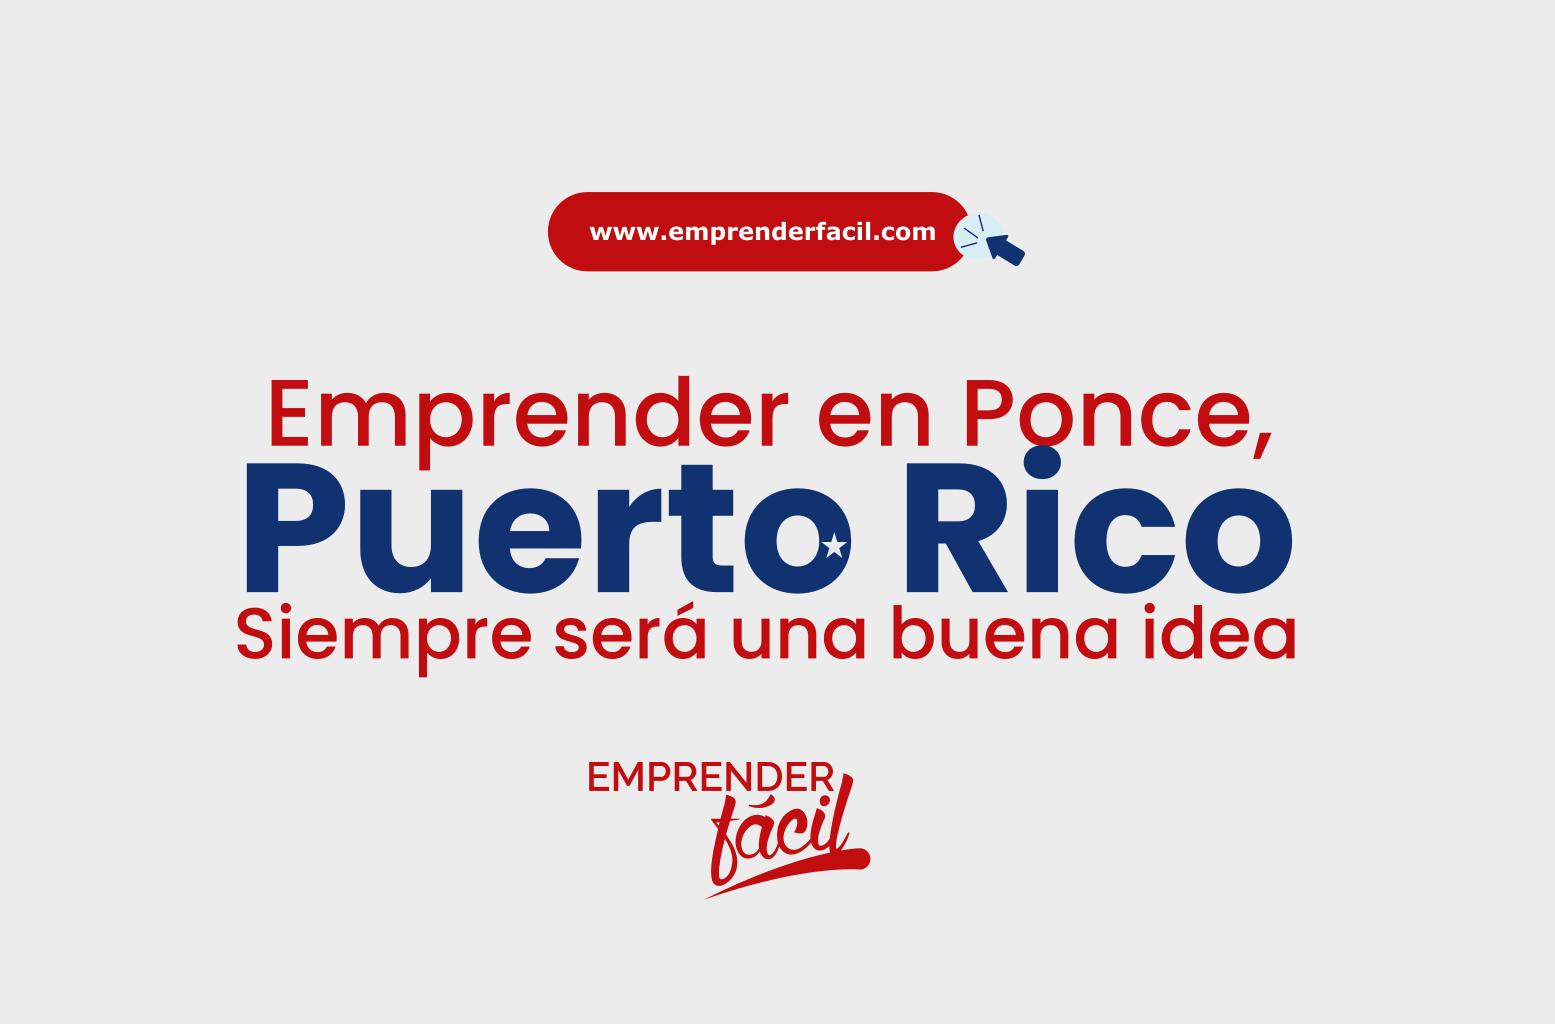 Invertir en negocios rentables en Ponce, Puerto rico siempre será una muy buena idea.